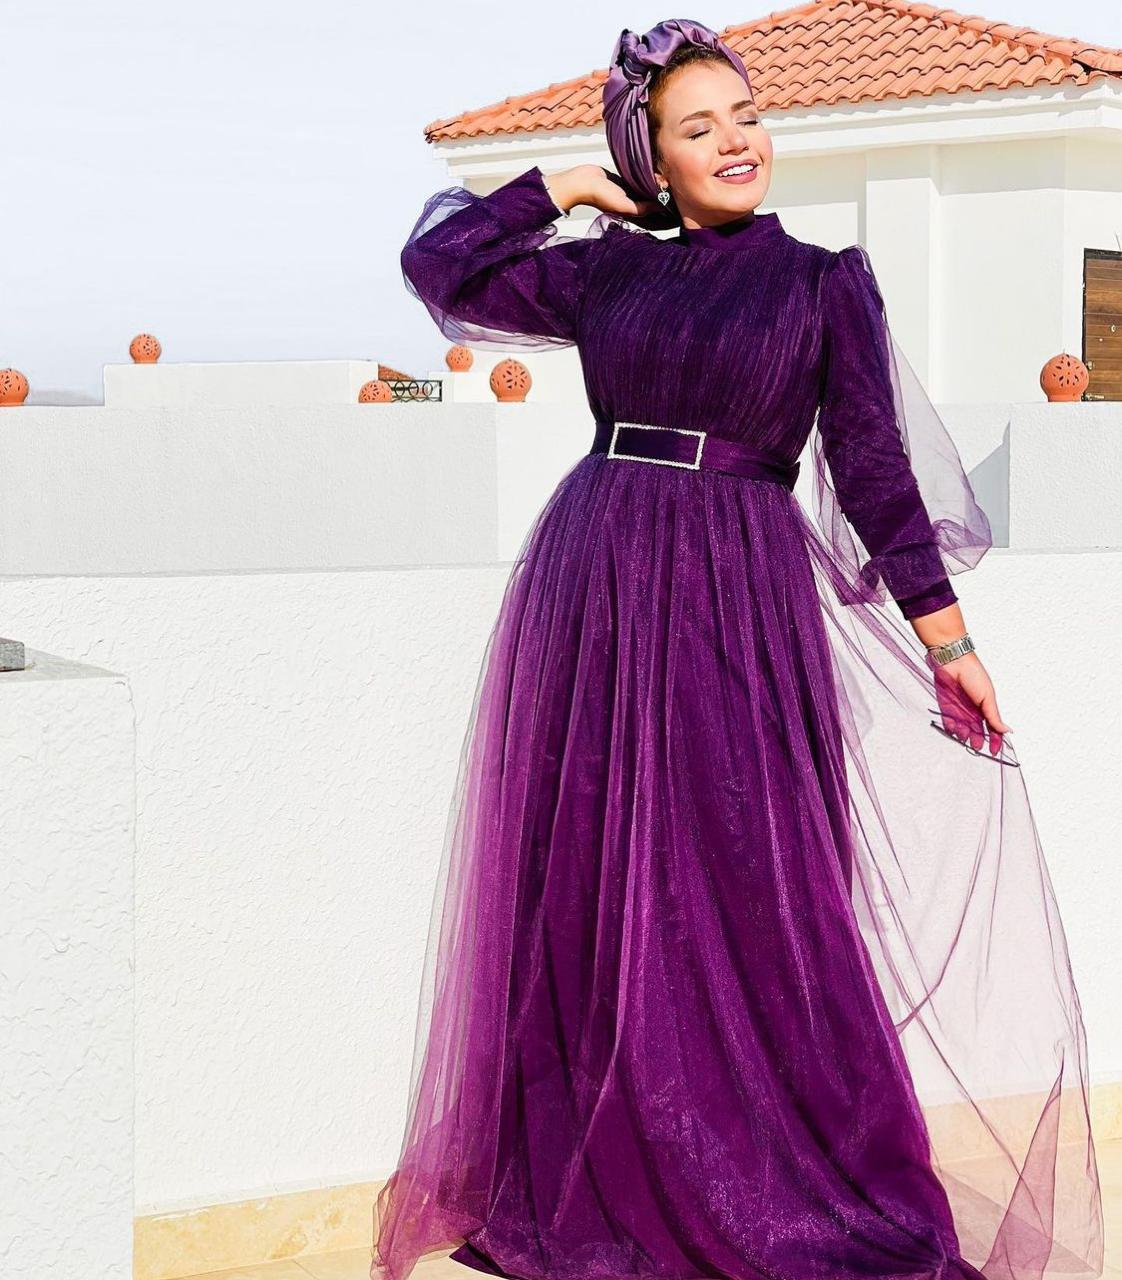 4 إيمي شاهين بفستان بنفسجي لسهرات العيد -الصورة من حسابها على الانستغرام